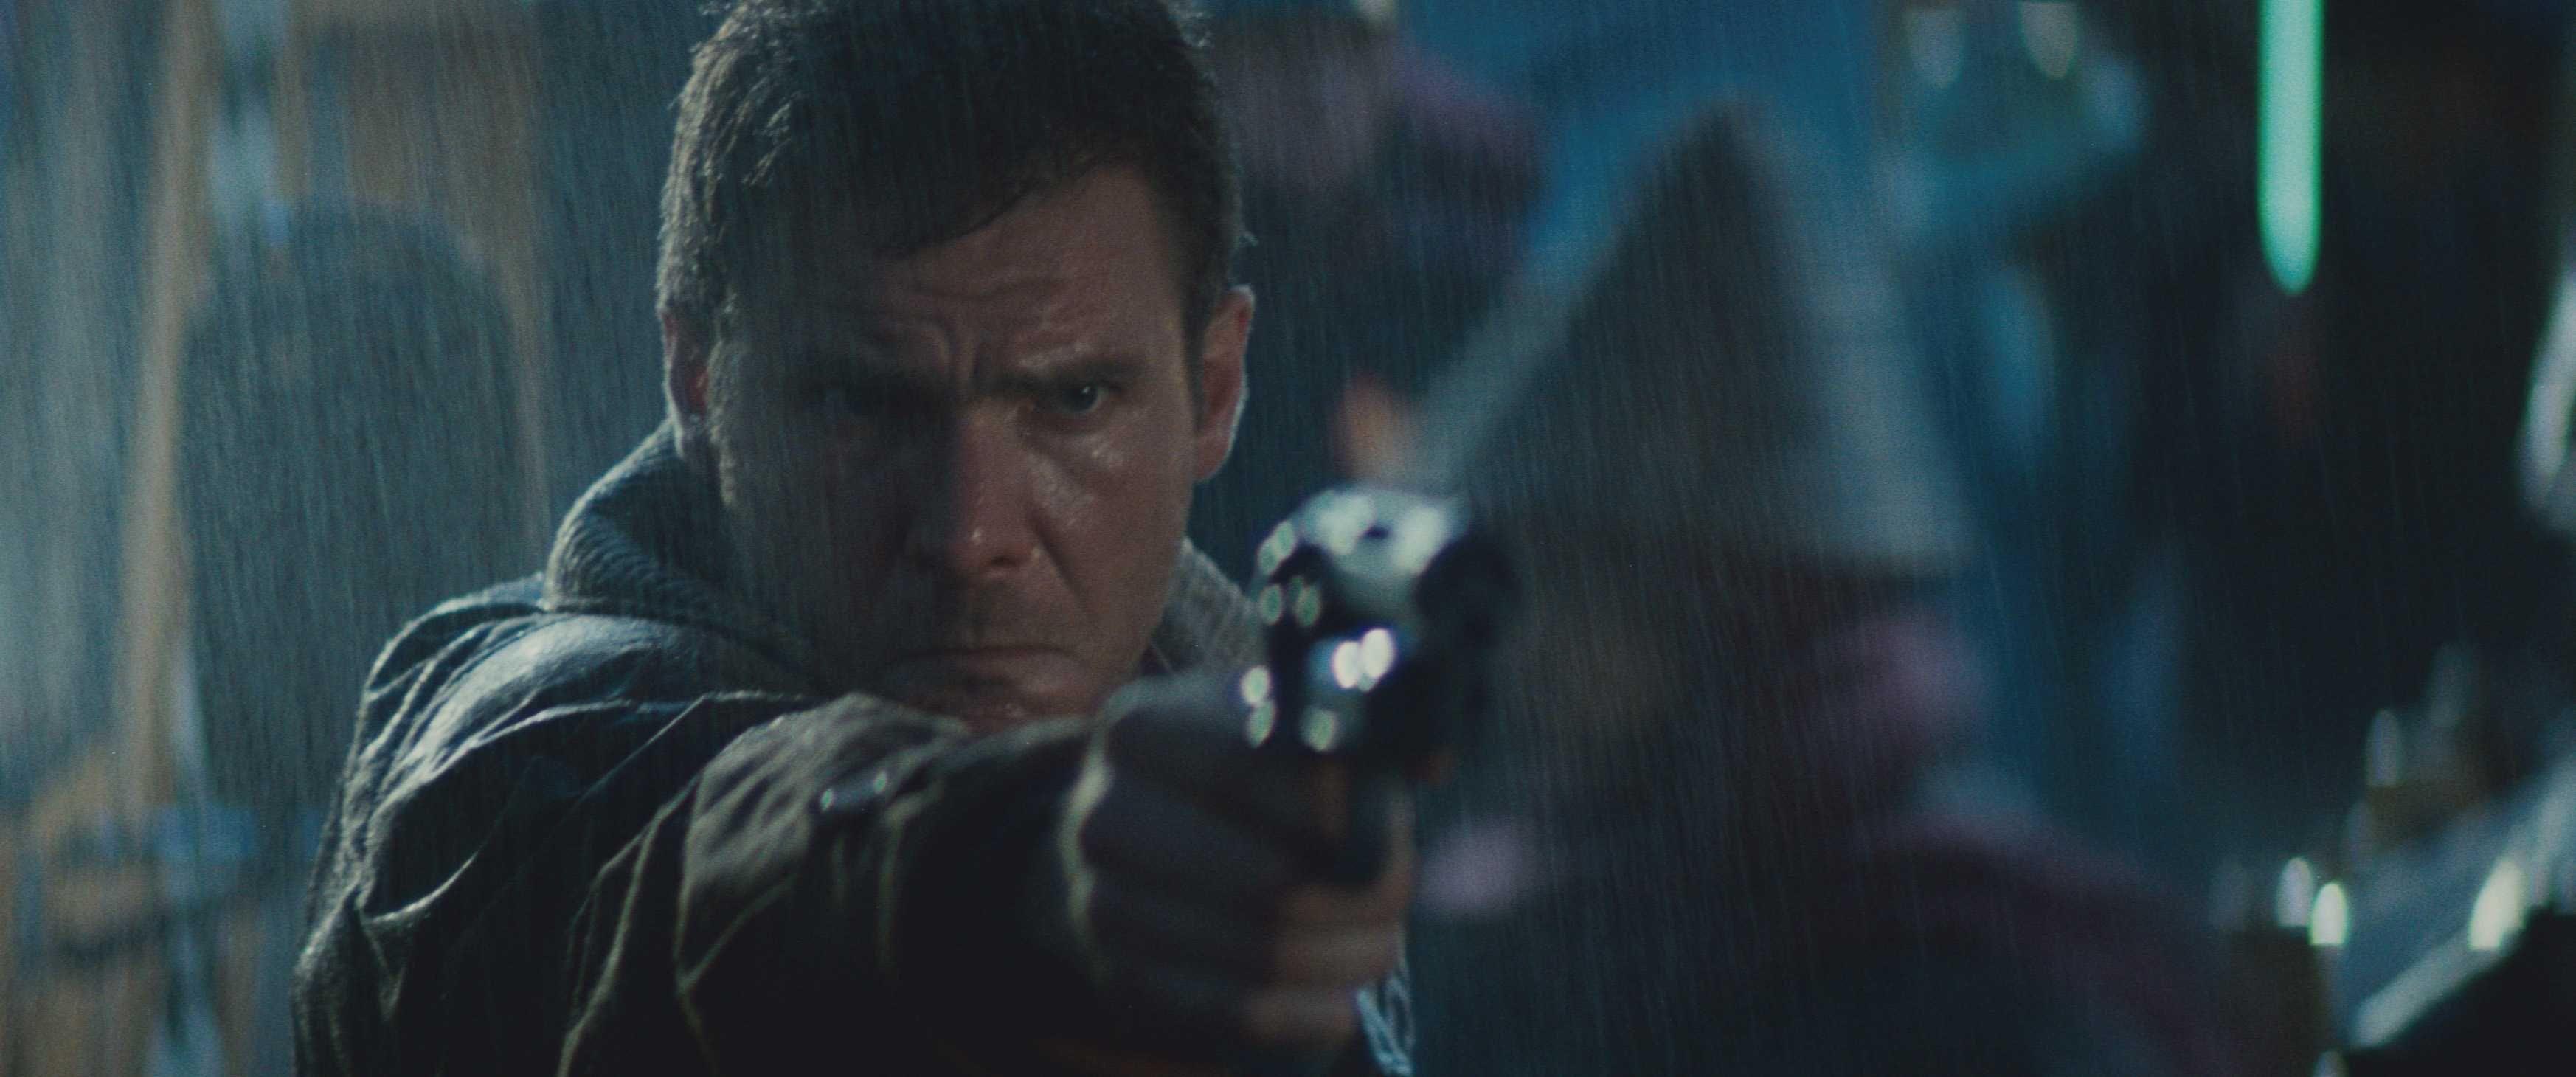 """Harrison Ford spiller sin kanskje beste rolle i """"Blade Runner"""". Her jakter han på androider som føler seg som mennesker, og slik tar en fremtidsrettet verk opp høyst menneskelig og aktuell tematikk."""